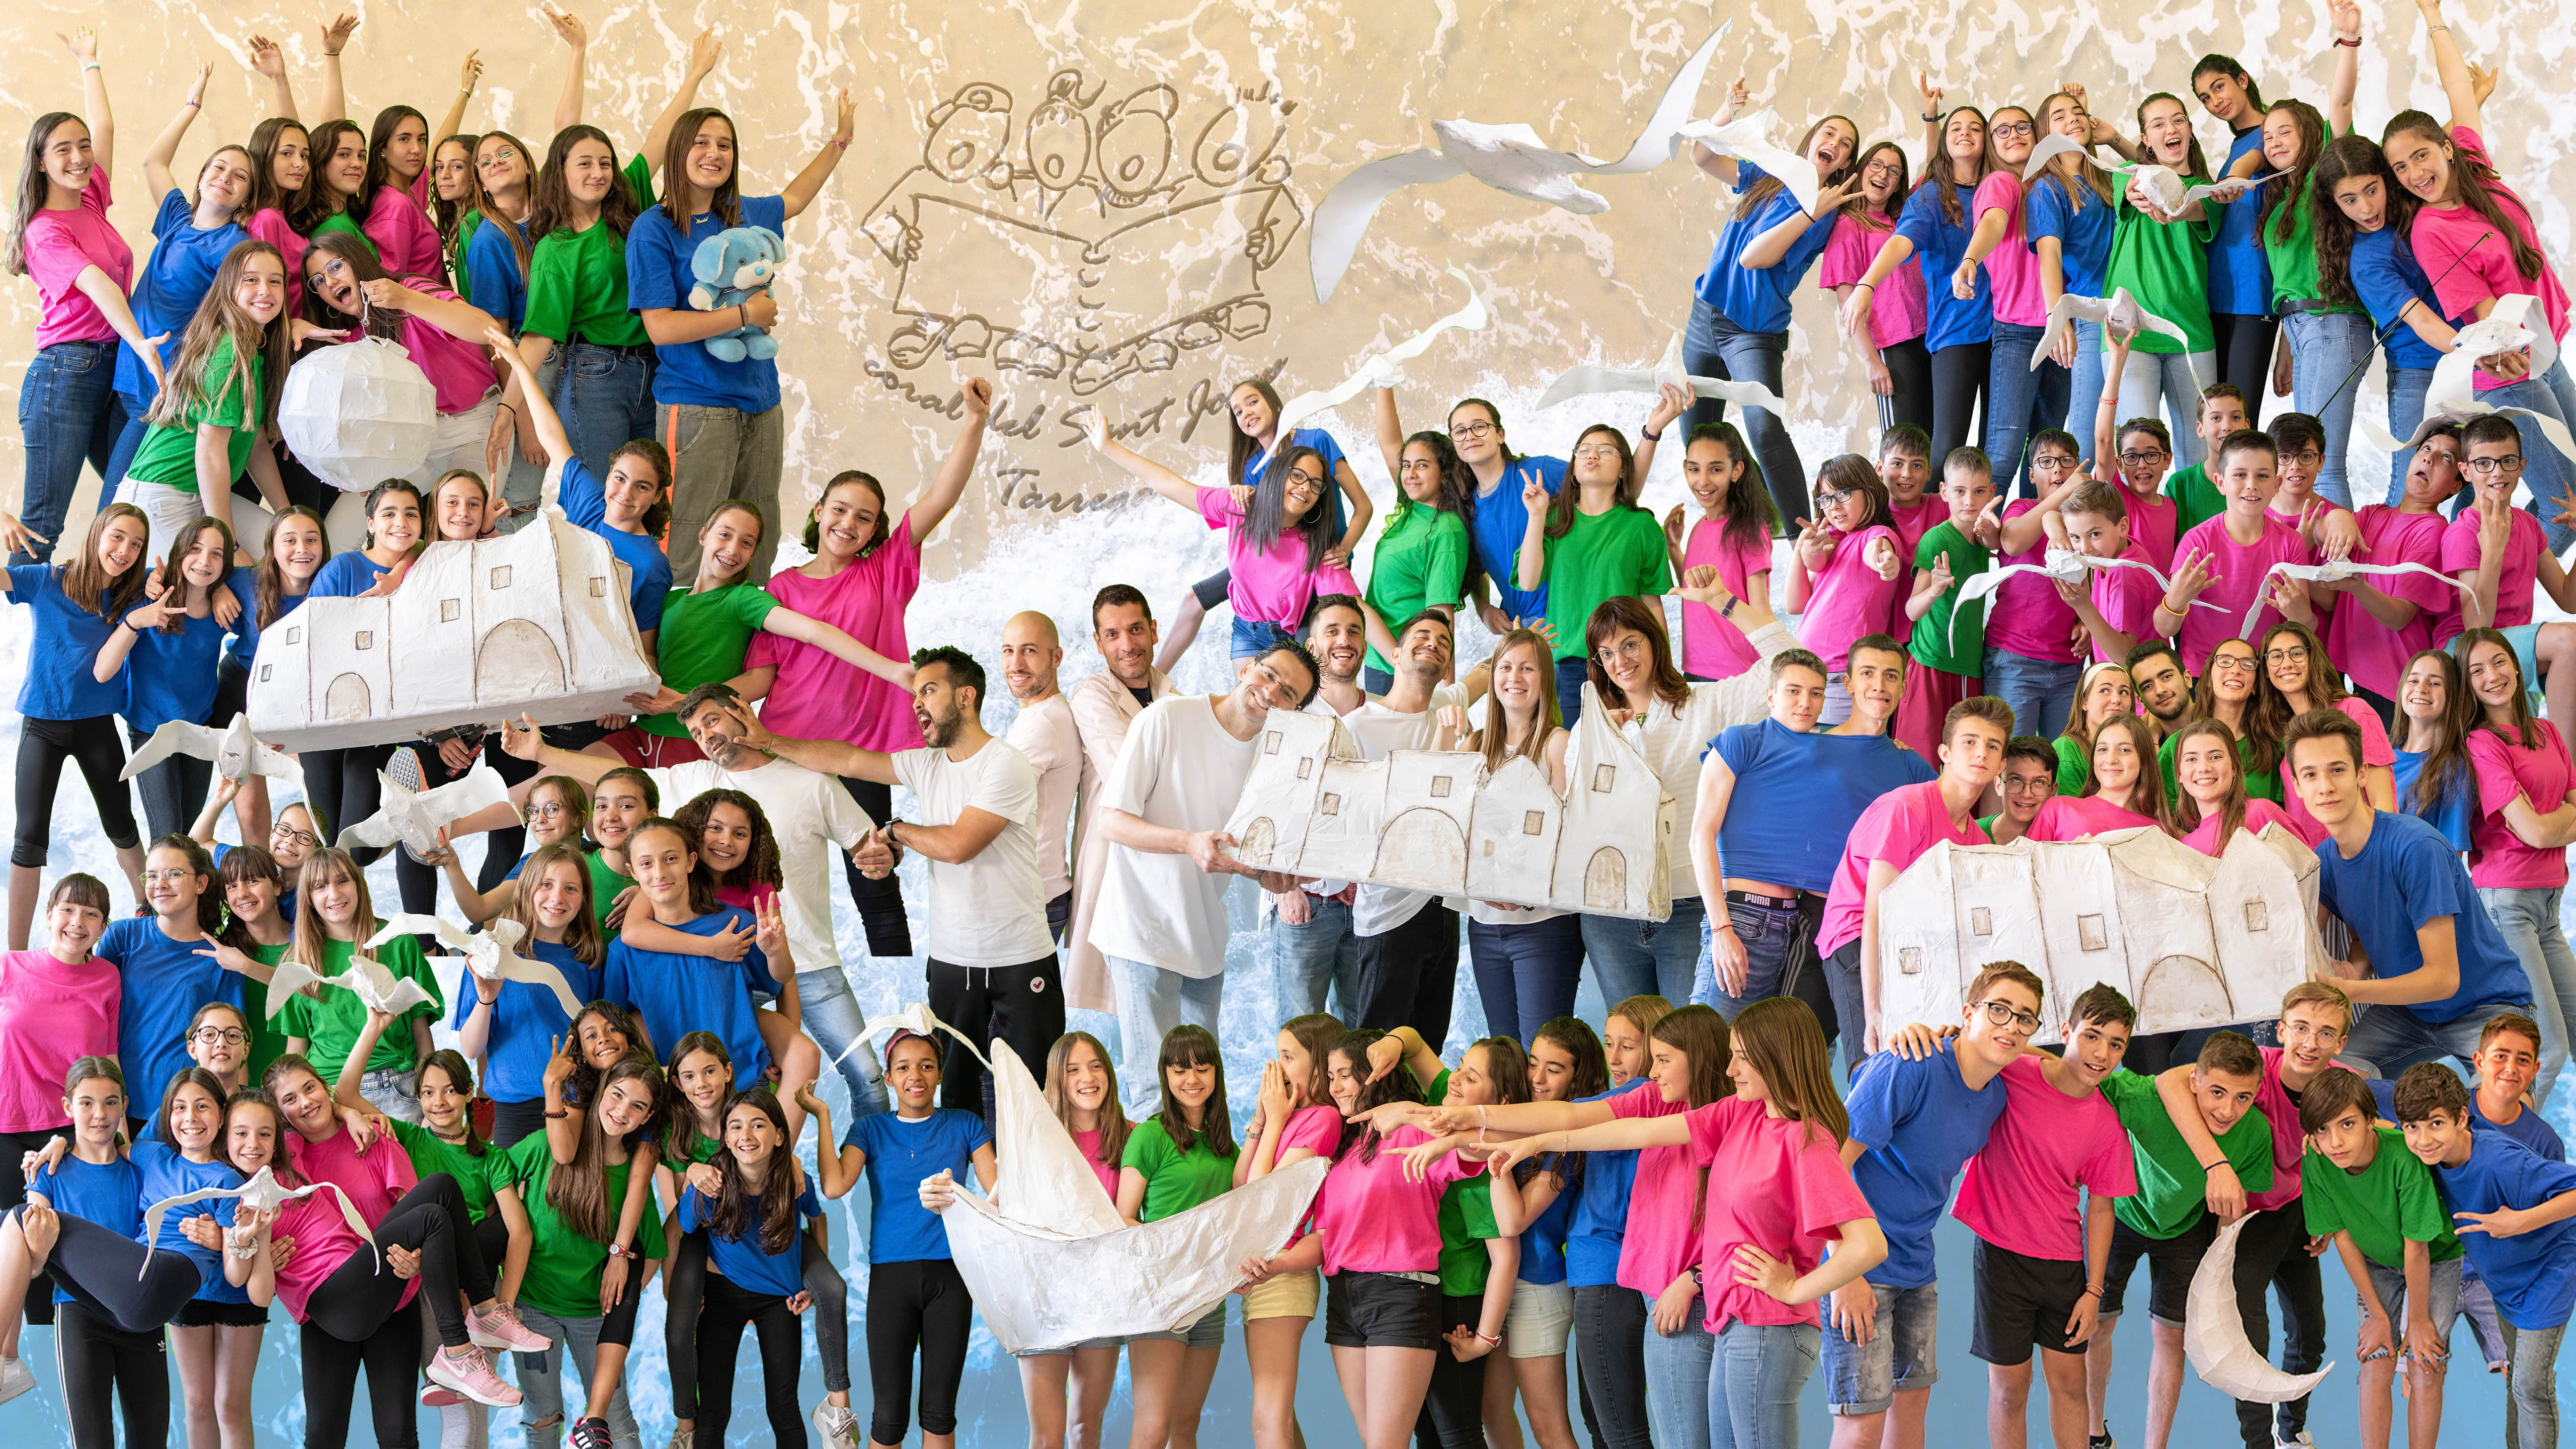 El Teatre de Balaguer acollirà l'espectacle benèfic 'Sobreviuré' de la Coral del Sant Josep de Tàrrega